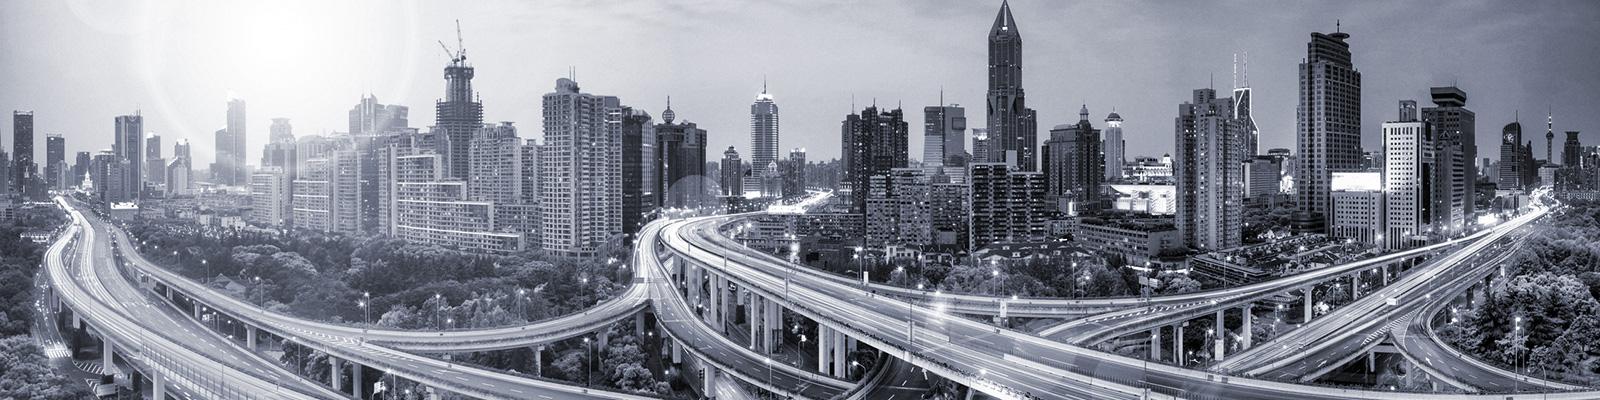 中国 交通 通信 イメージ